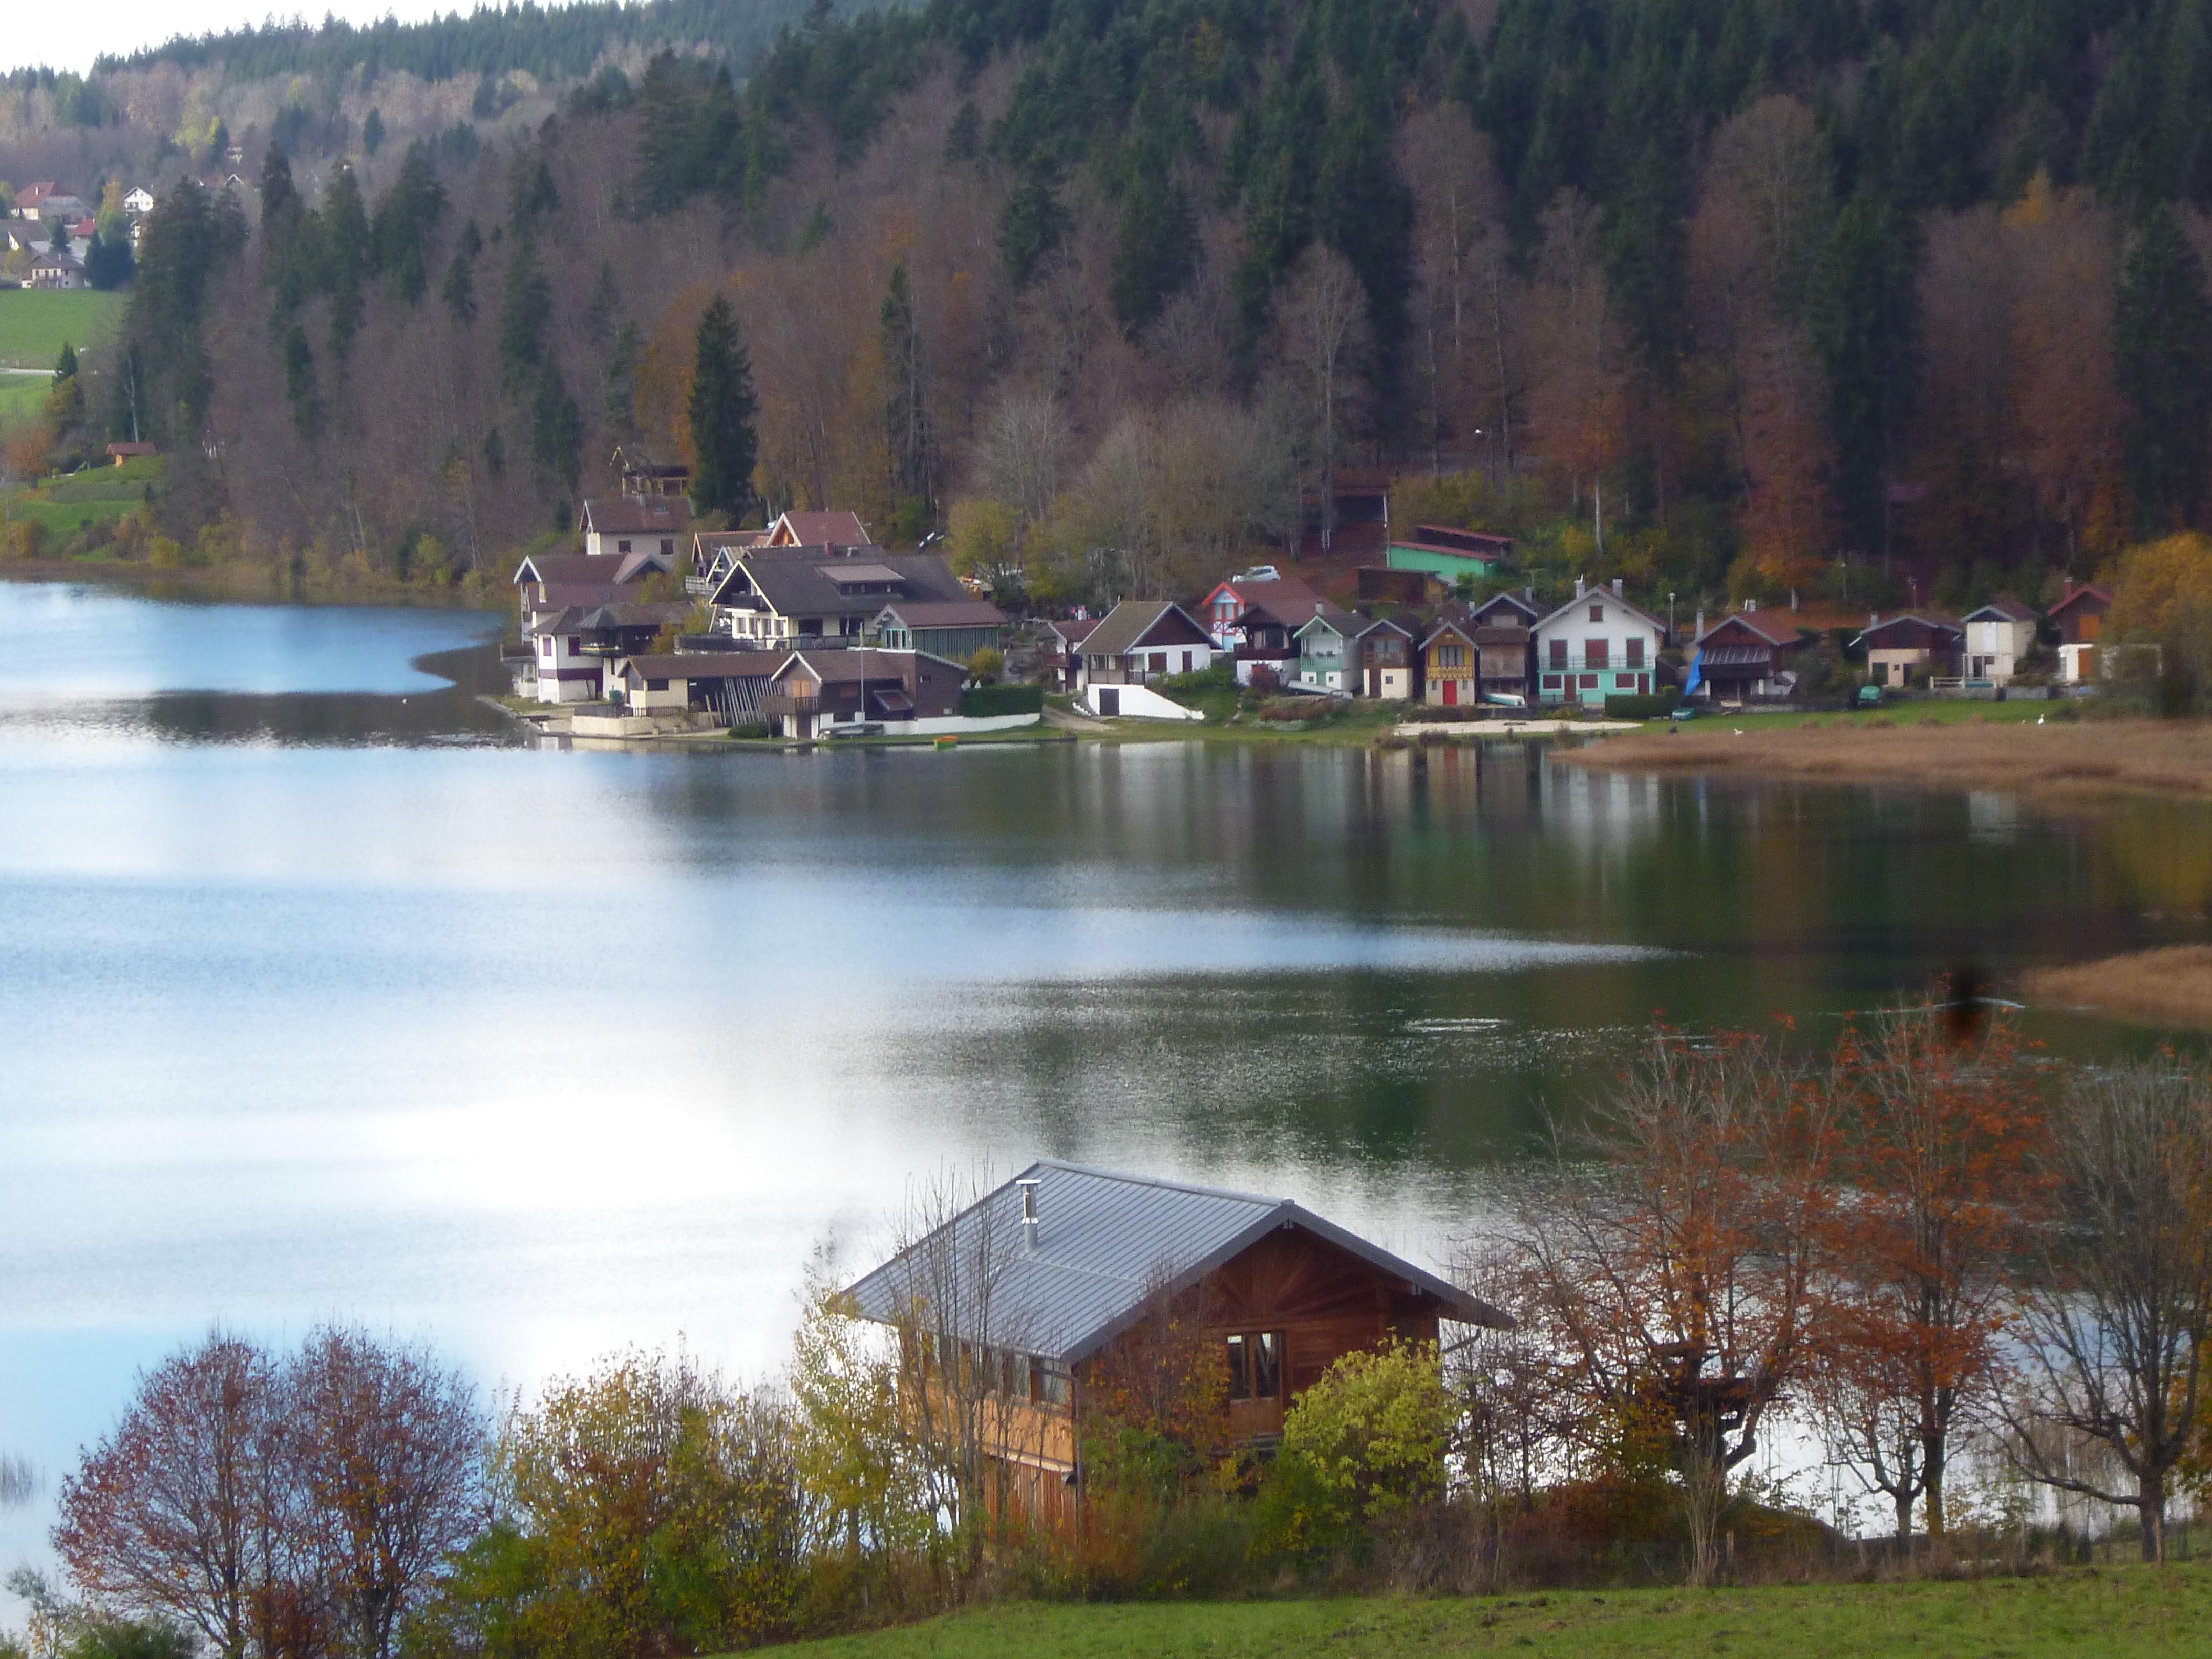 ici, Port Titi sur le lac. Titi était un célèbre pêcheur.